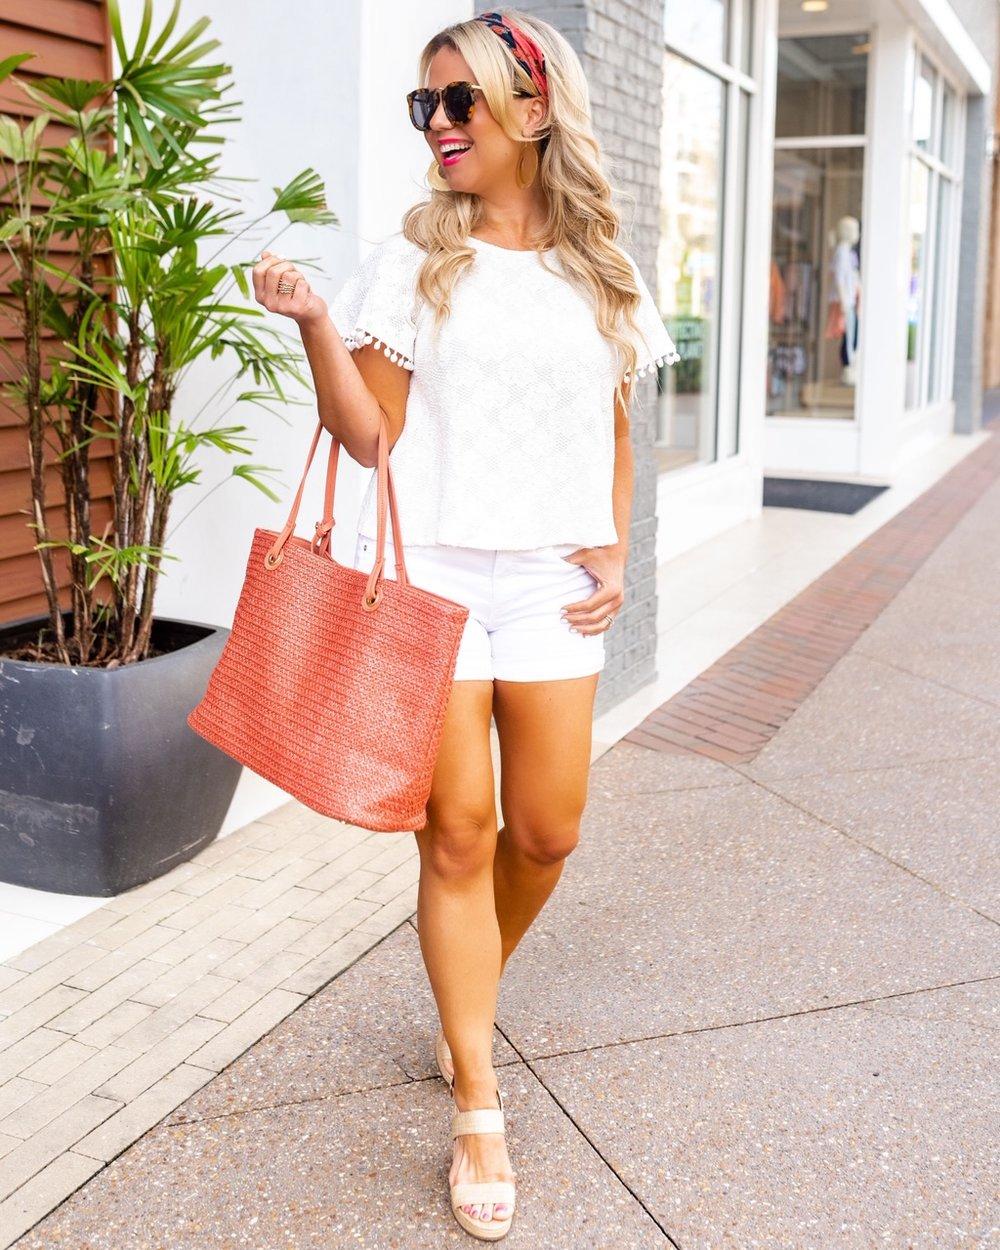 66e6790db17 Wearing White on White for Summer